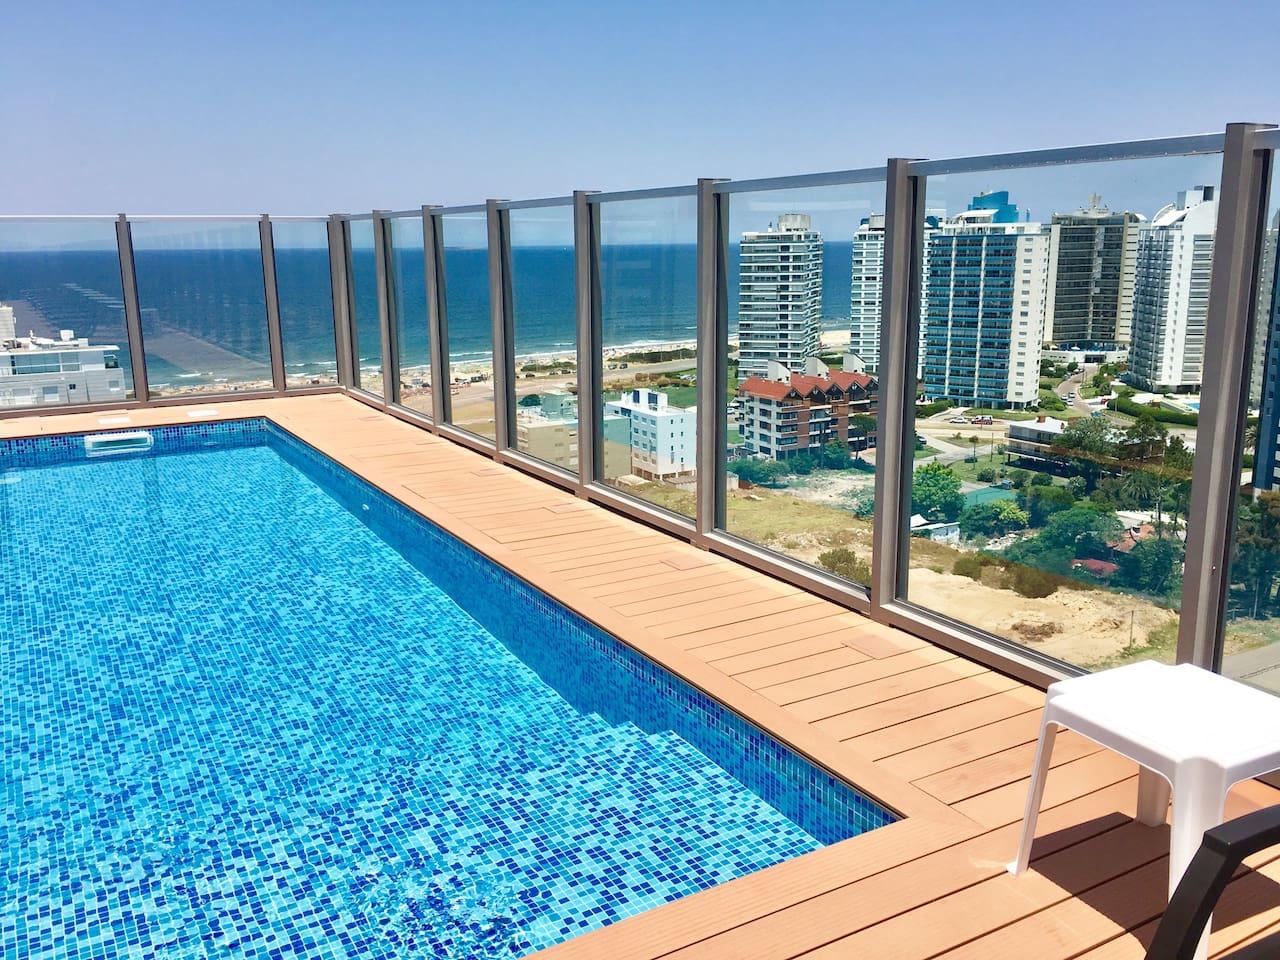 Dos piletas abiertas en piso 16 con vista a playa brava y playa mansa.